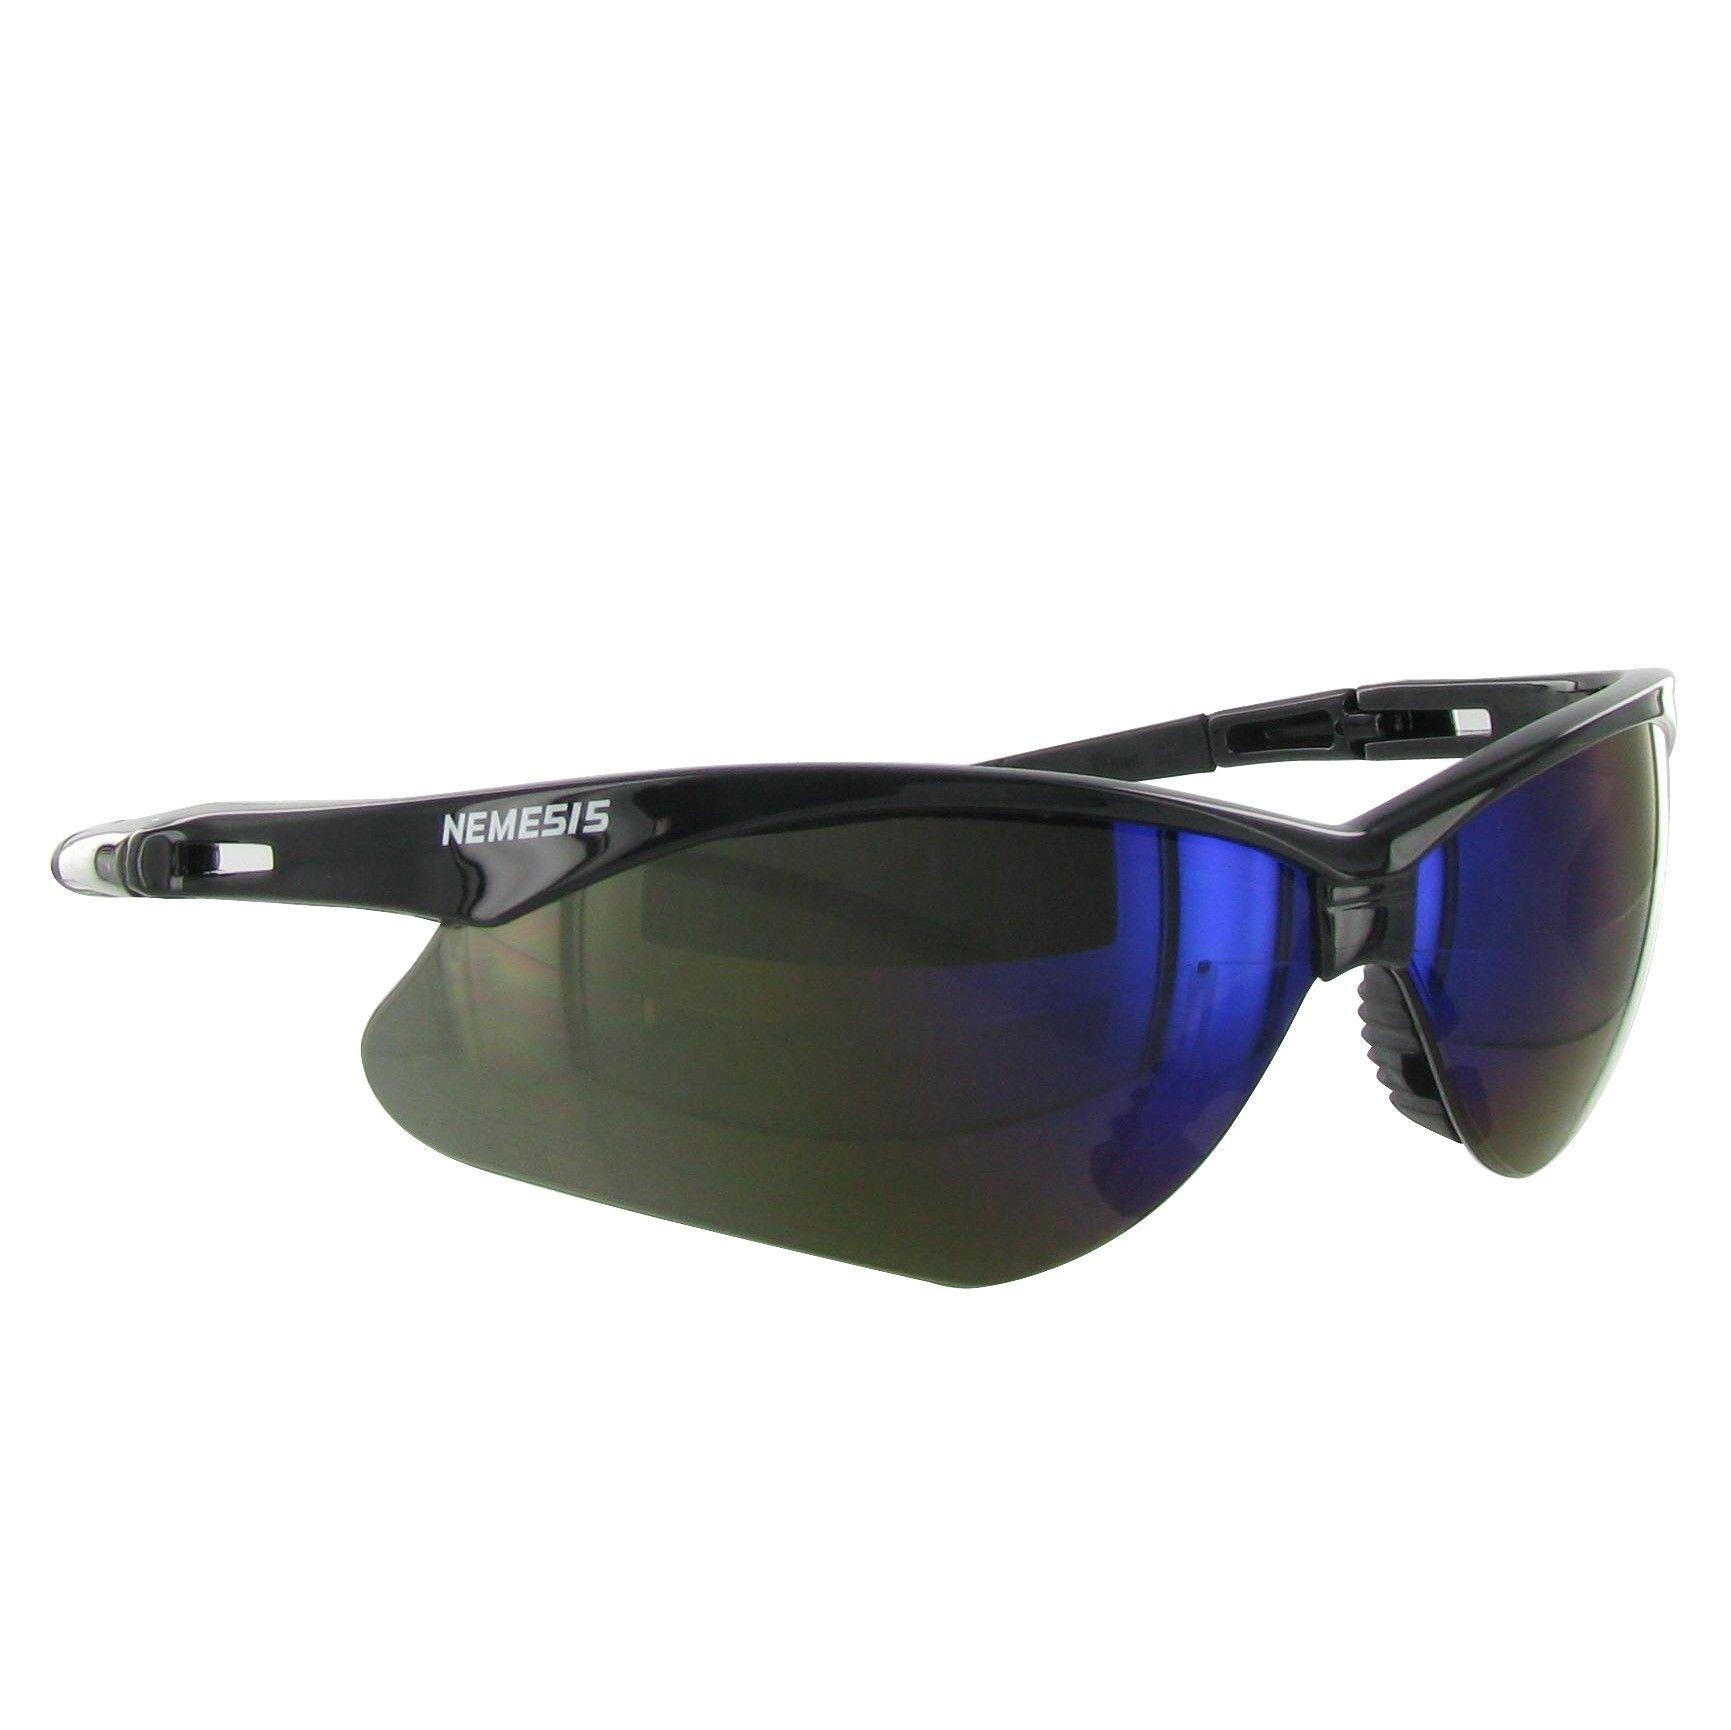 Jackson Nemesis Safety Glasses w/ Blue Mirror Lens